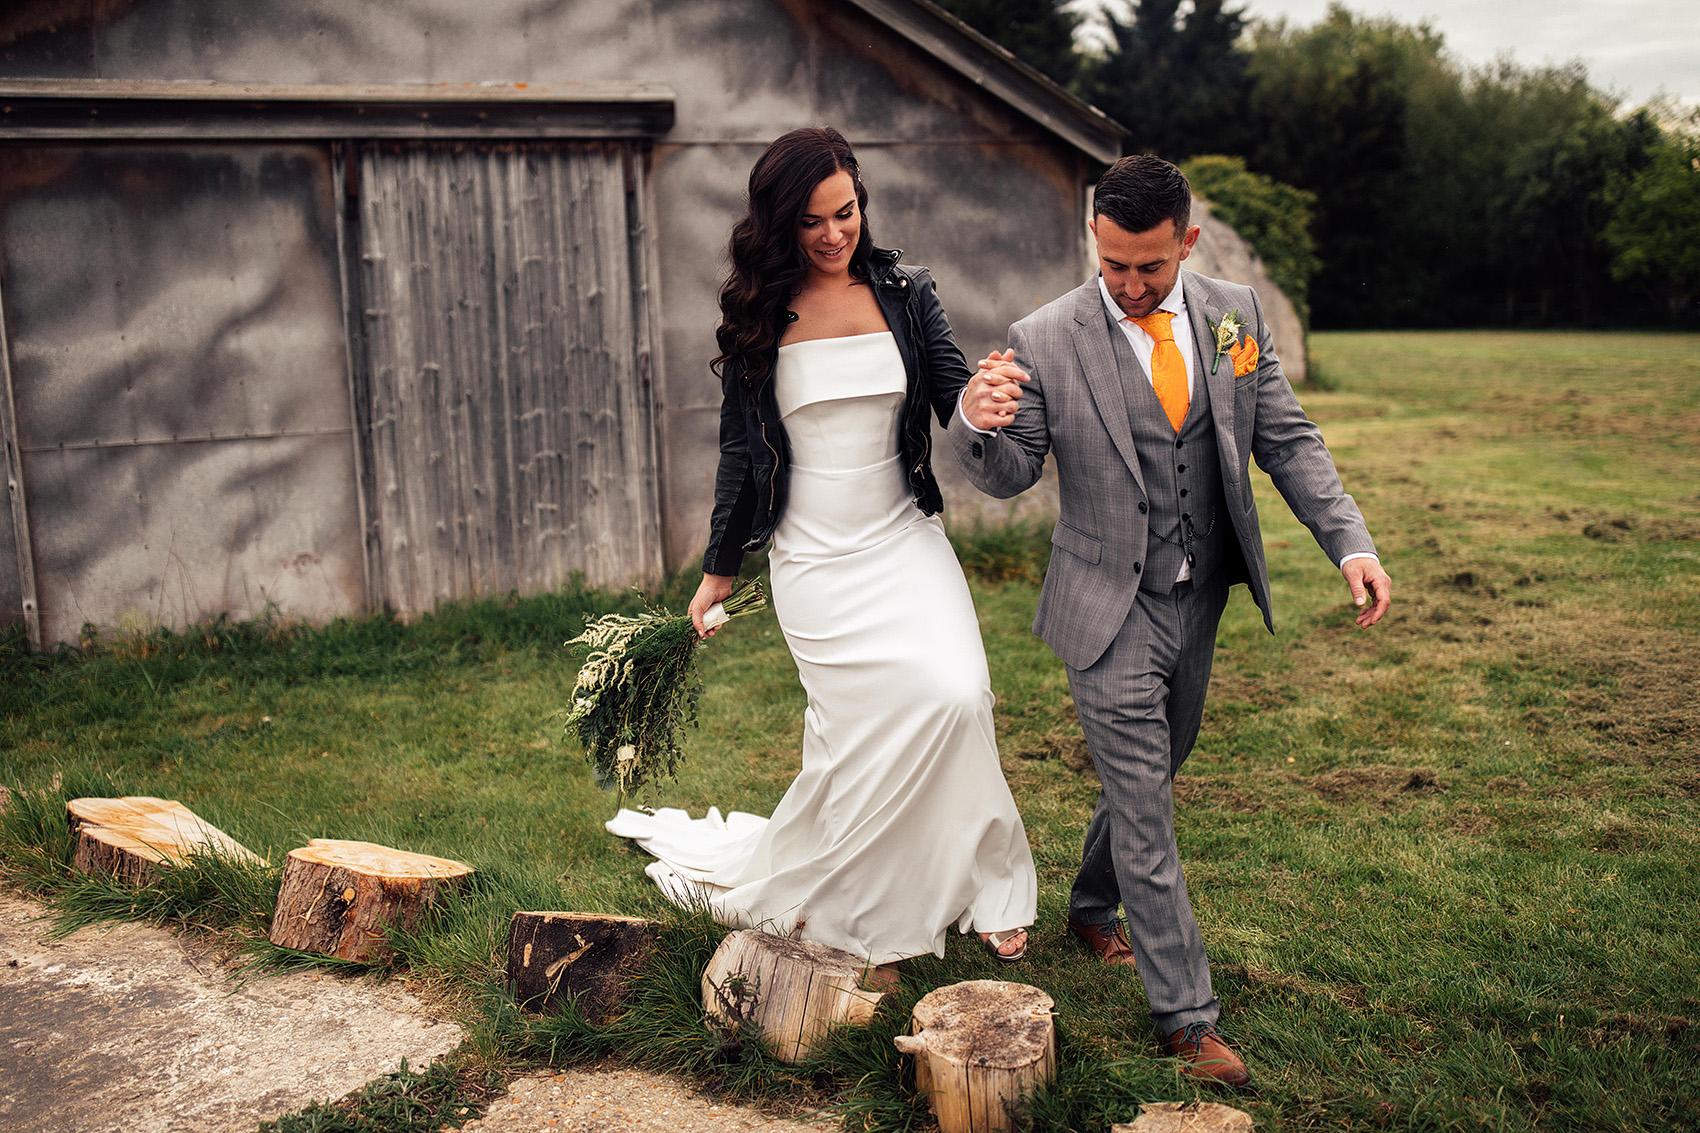 english-garden-wedding0001.JPG